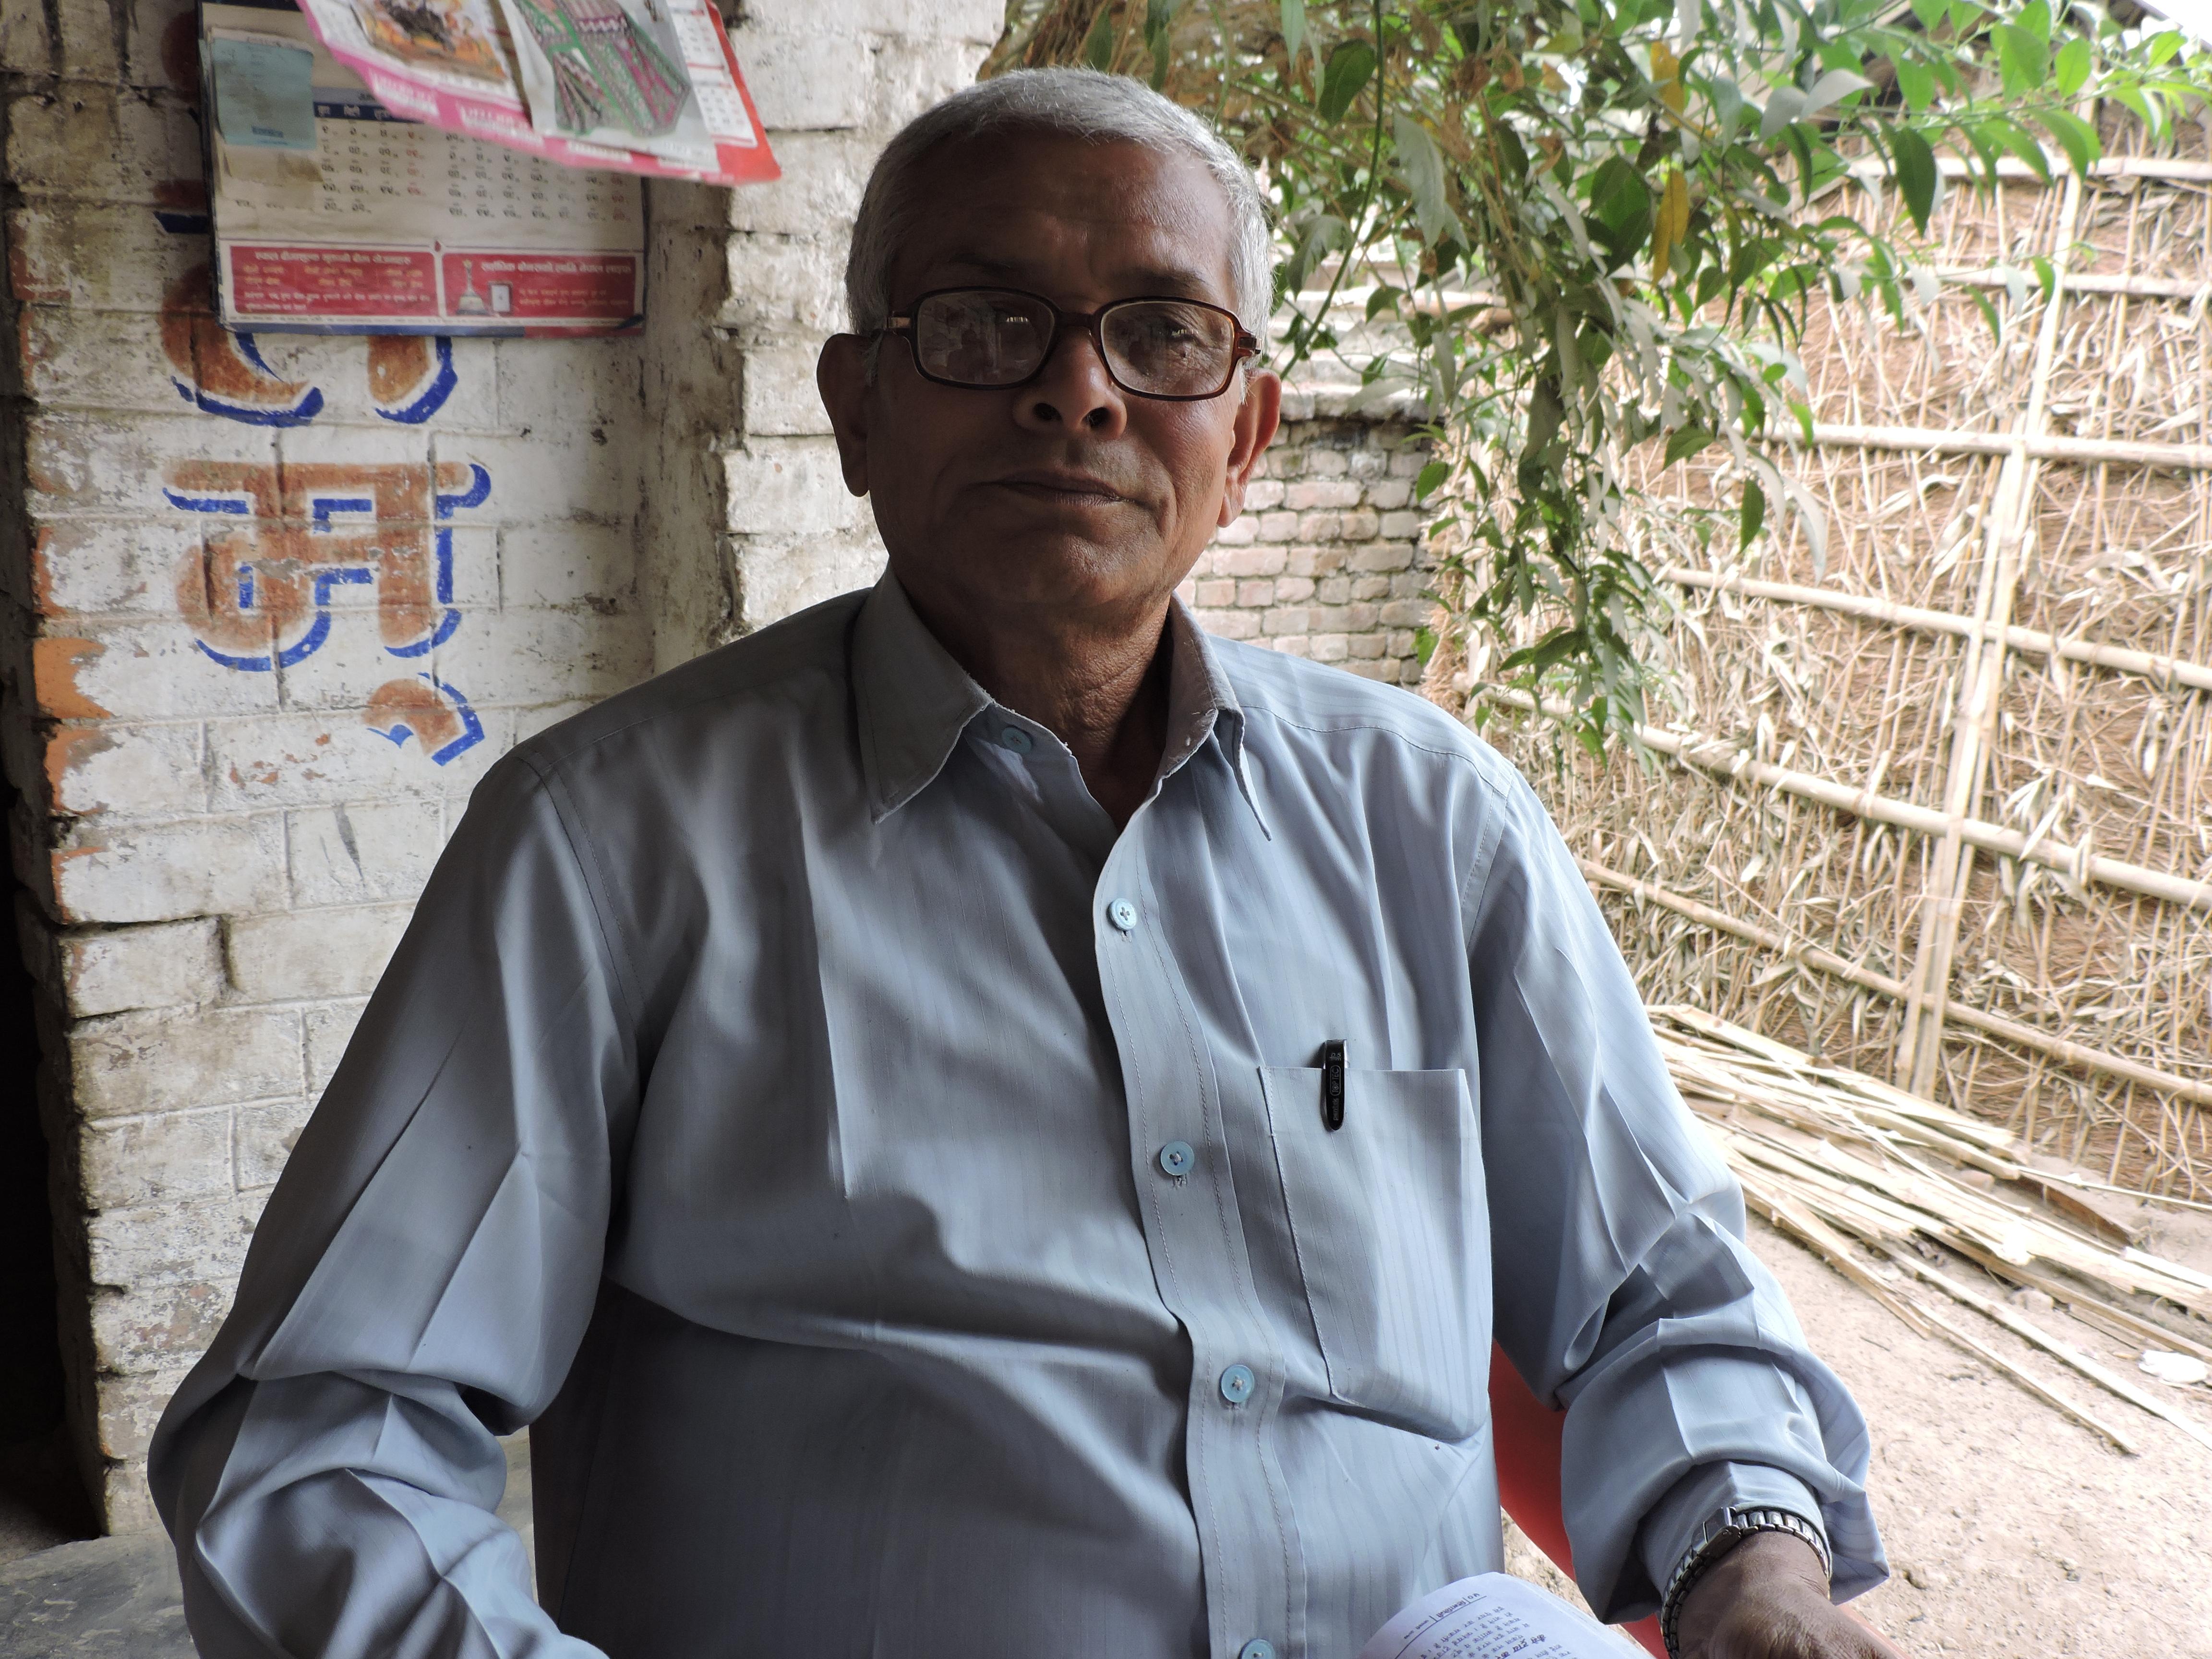 परमानंद सिंह थारू तेरहौता, सप्तरी गांव इकाई कमेटी के नेपाली कांग्रेस के अध्यक्ष हैं